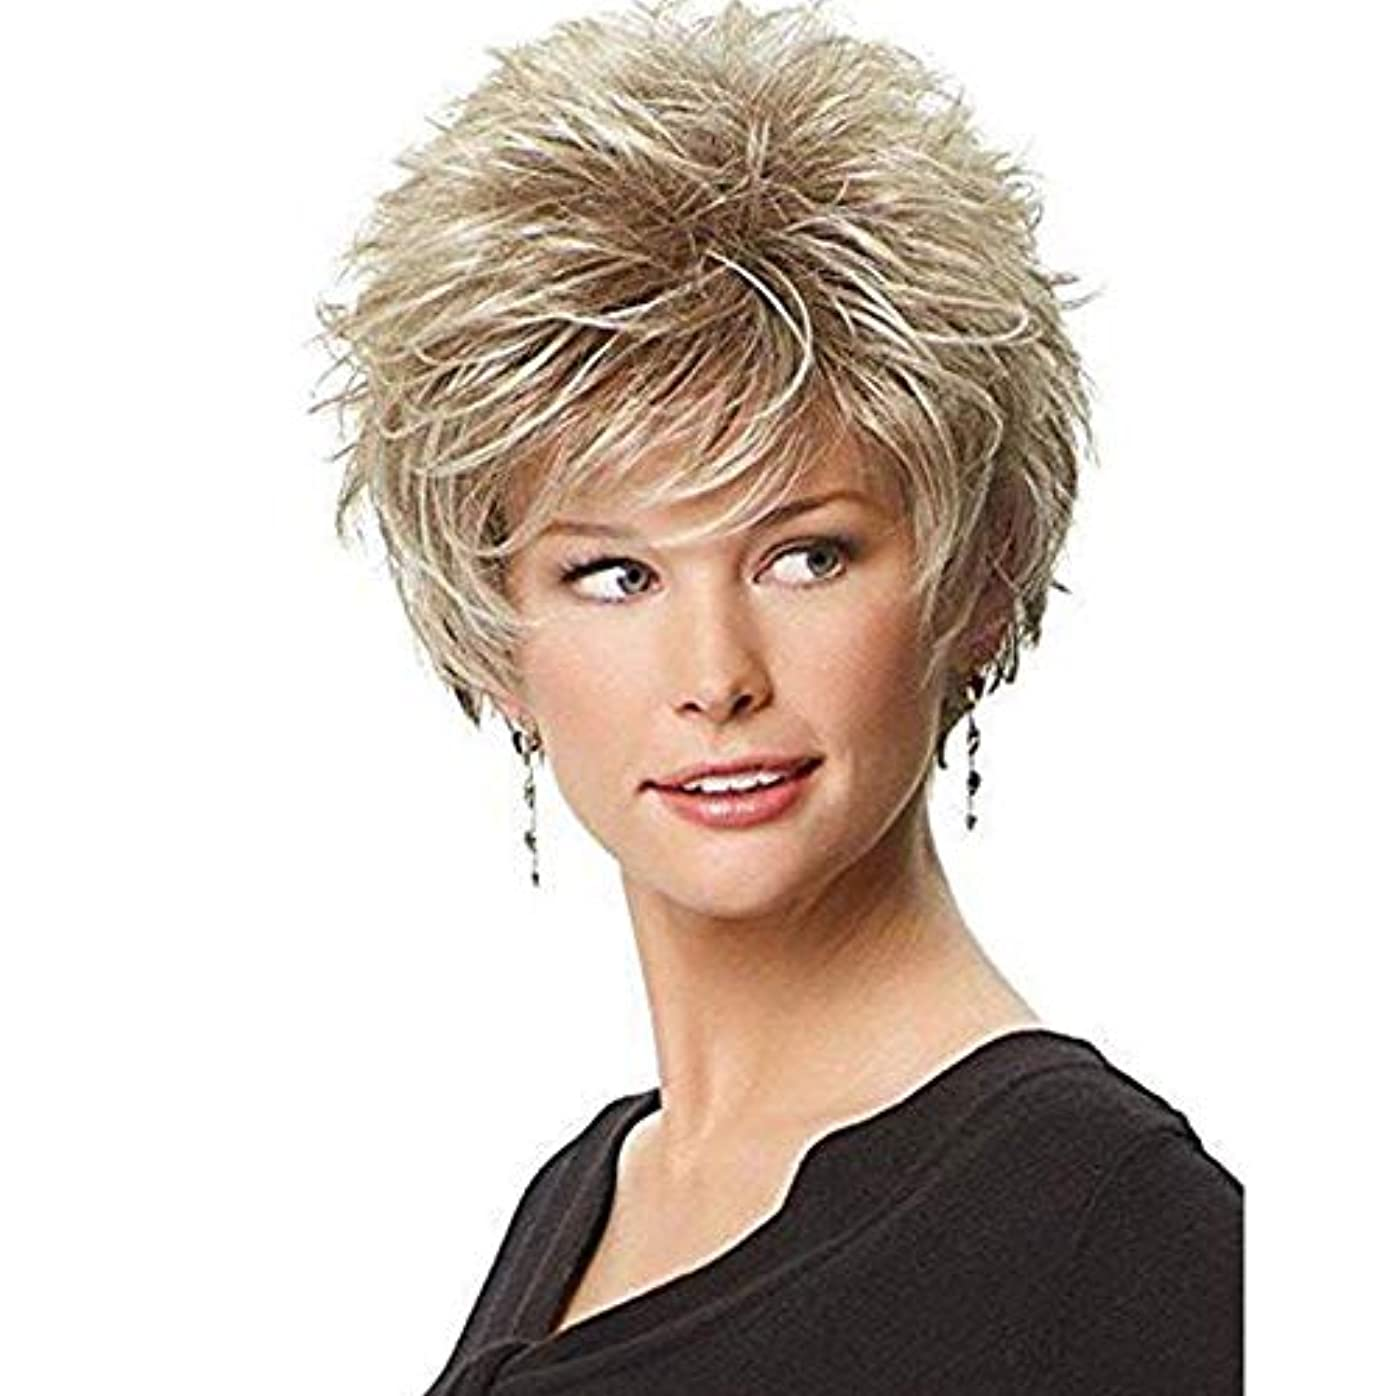 ワイン崩壊かまどWASAIO ブロンドのかつらファッションヘアスタイリングふわふわの短い巻き毛のかつら (色 : Blonde)